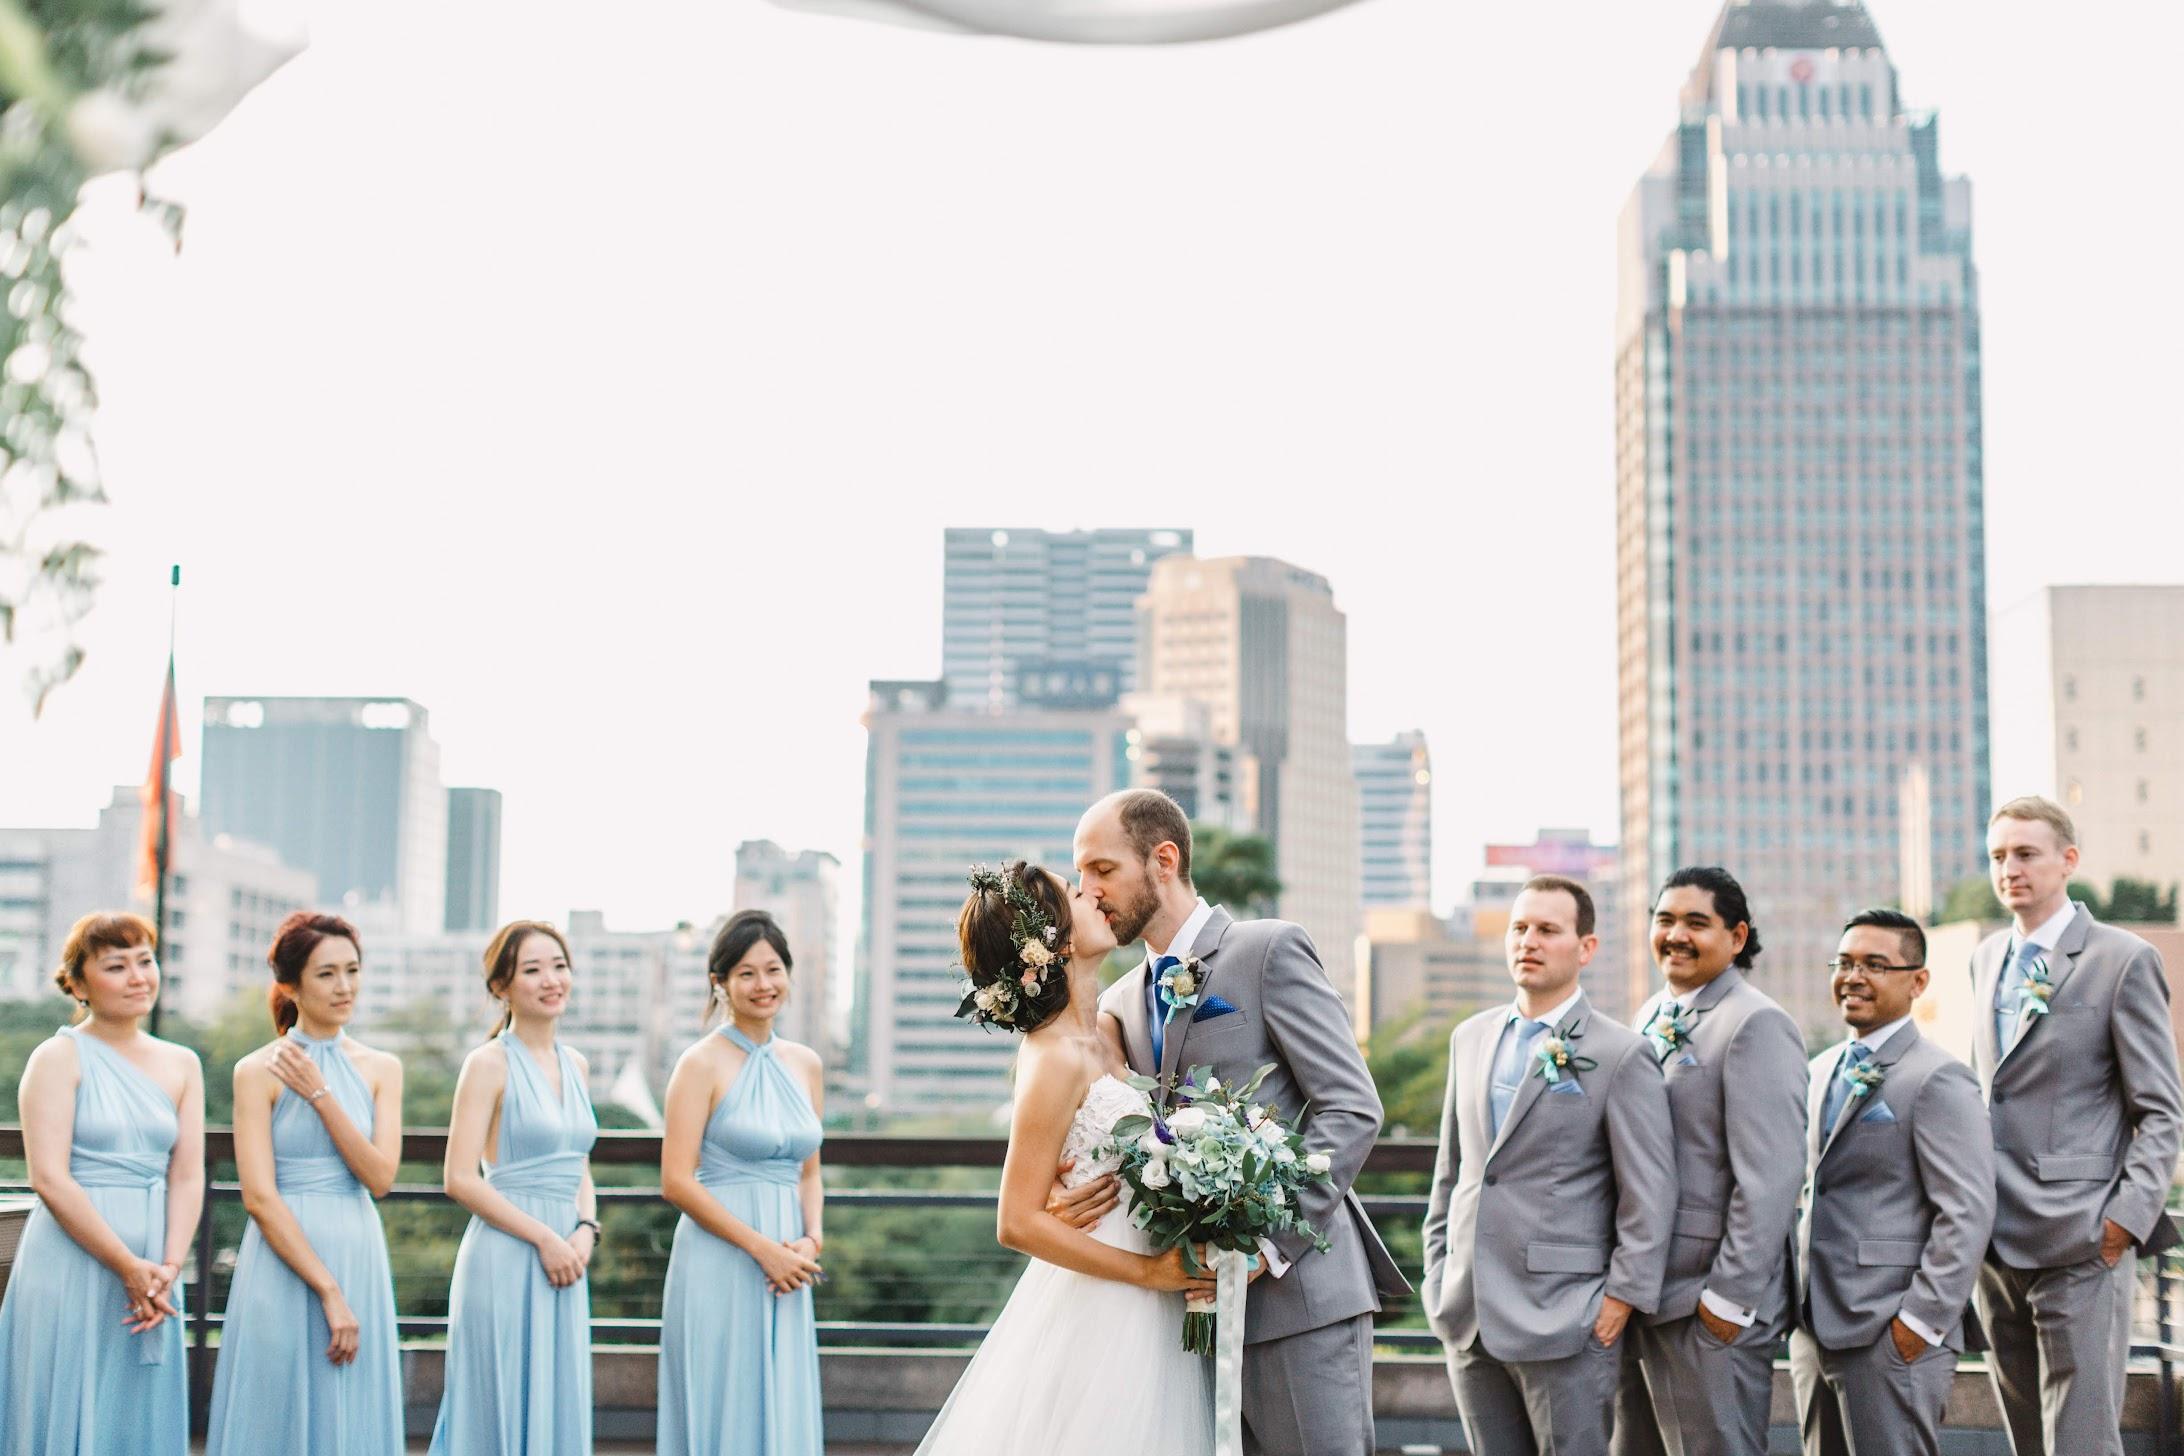 美式婚禮紀錄,君悅酒店婚禮,君悅 婚禮紀錄,凱寓 婚禮,戶外證婚,美式婚攝,台北婚攝,,台中婚攝Amazing Grace 攝影美學,Wedding Photography